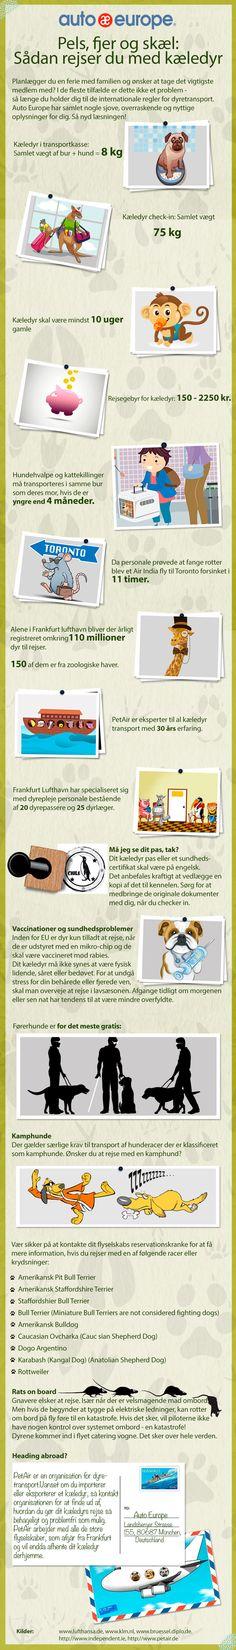 Infographic: Rejs med kæledyr - Find flere af vores infografikker her: http://www.autoeurope.dk/go/infographics/